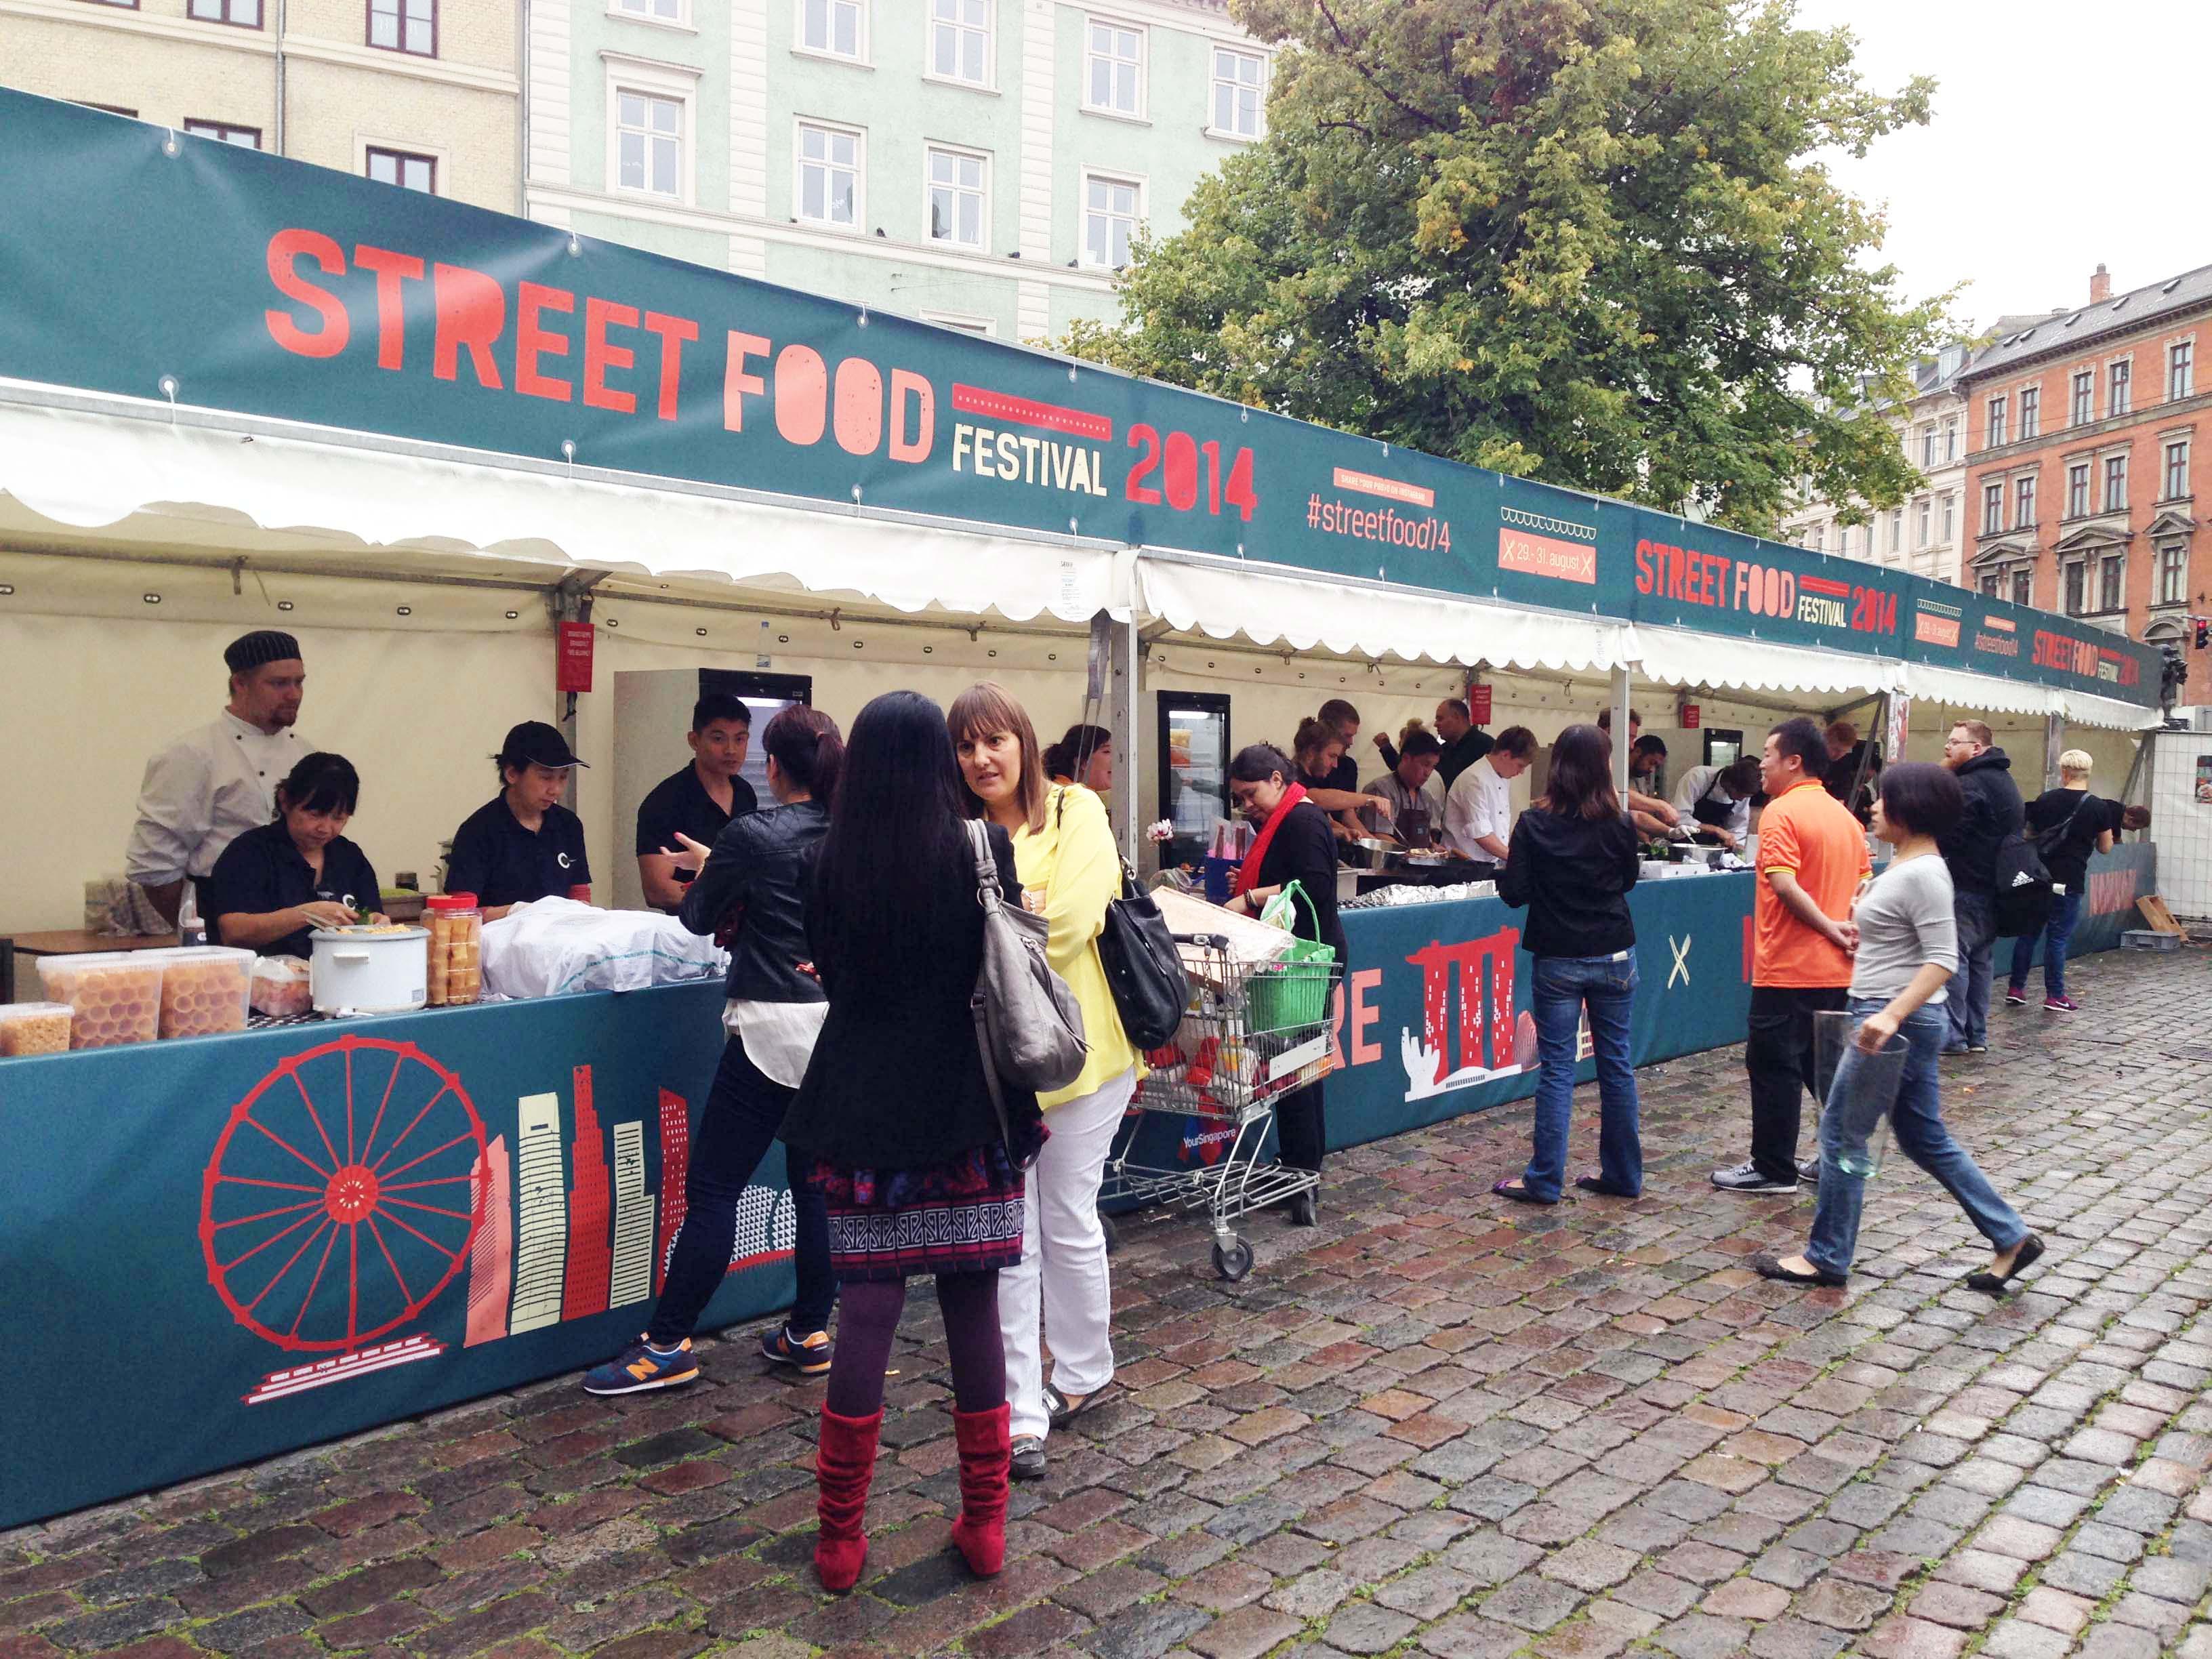 Street Food Festival 2014